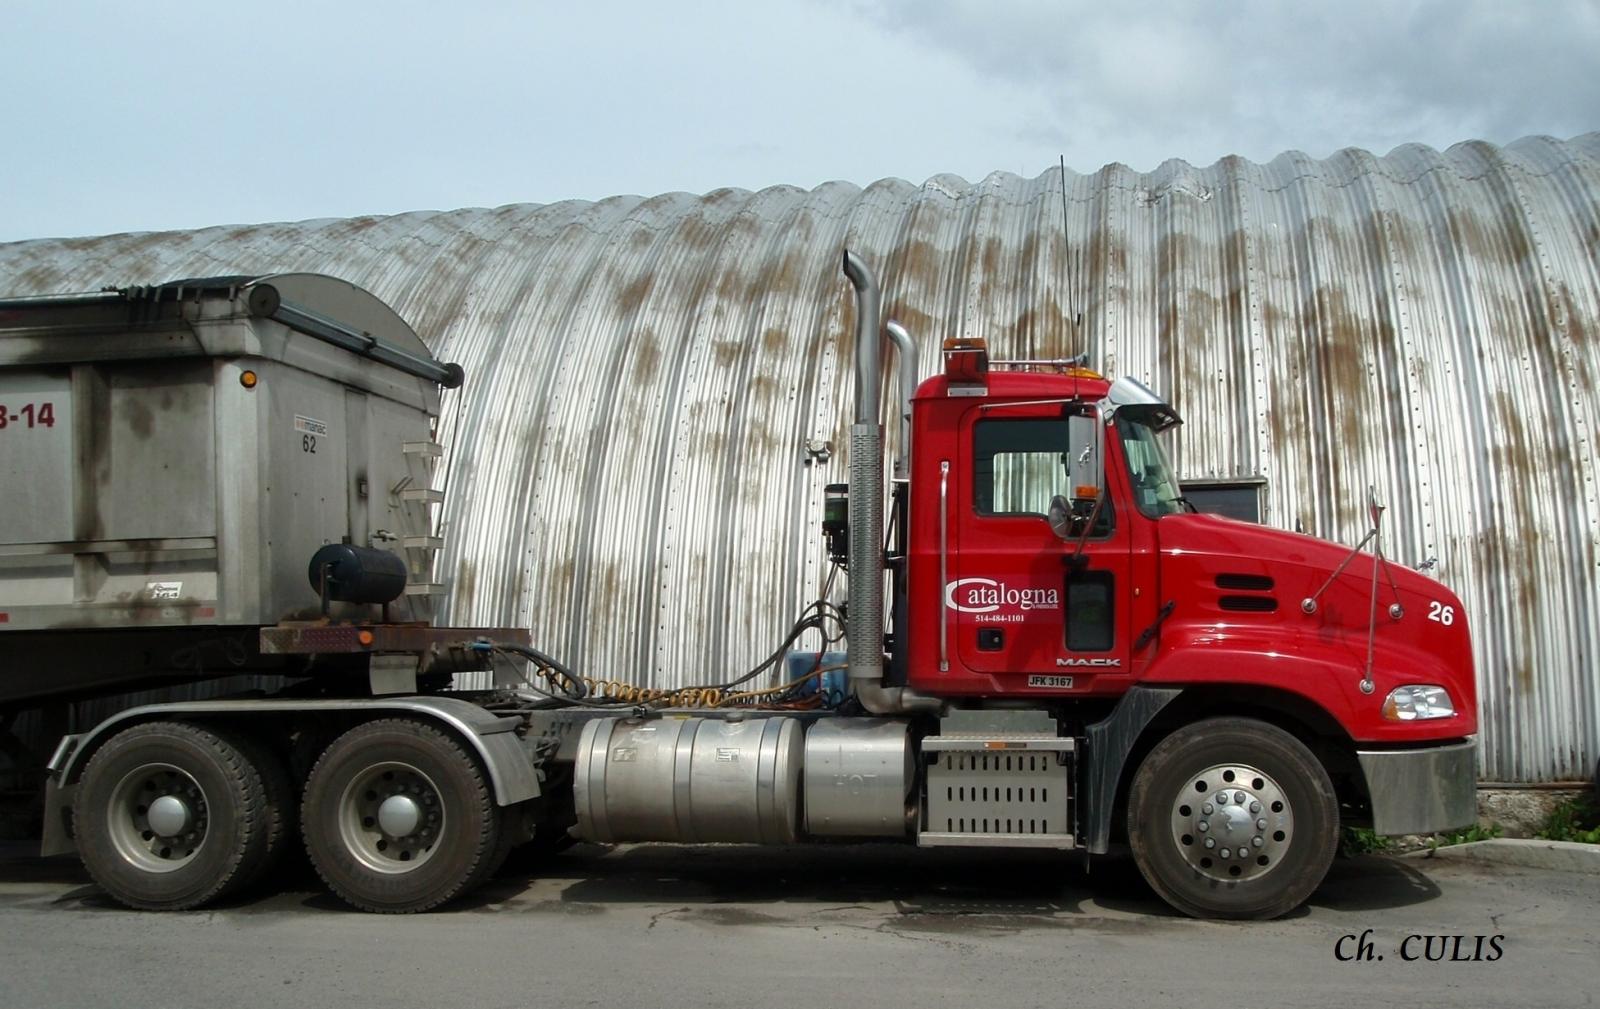 Pinnacle tractor w/Manac aluminium dump trailer - Catalogna & Frères (Lachine, QC)